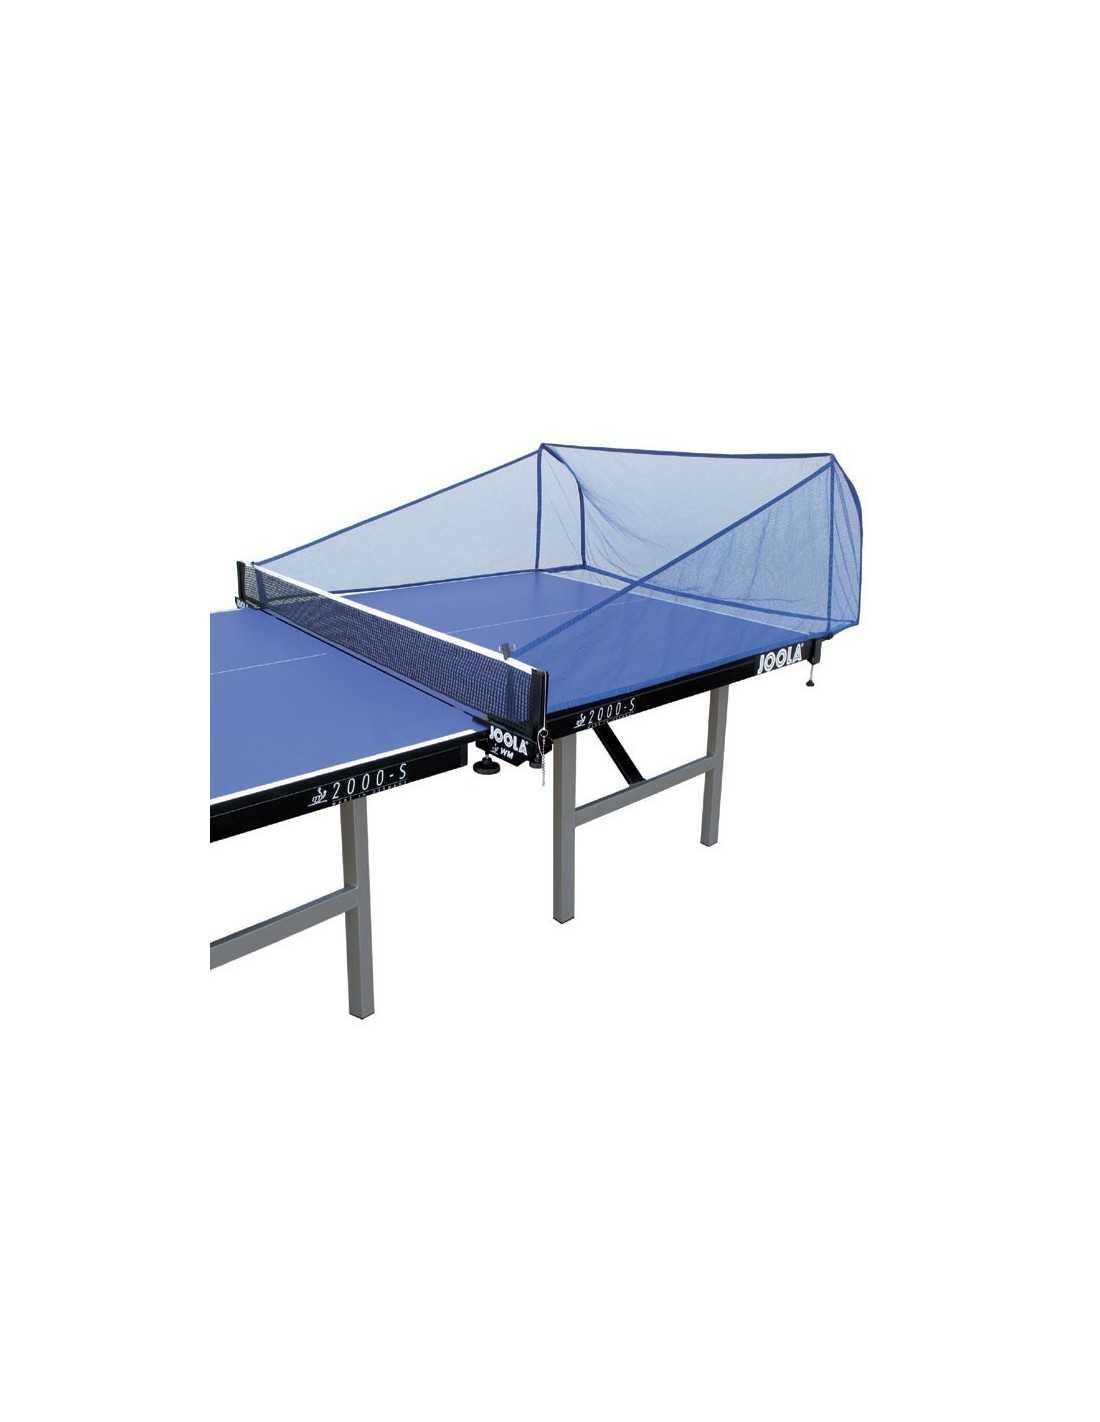 Robot joola shorty tennis de table robots et returnboard - Robot tennis de table occasion ...